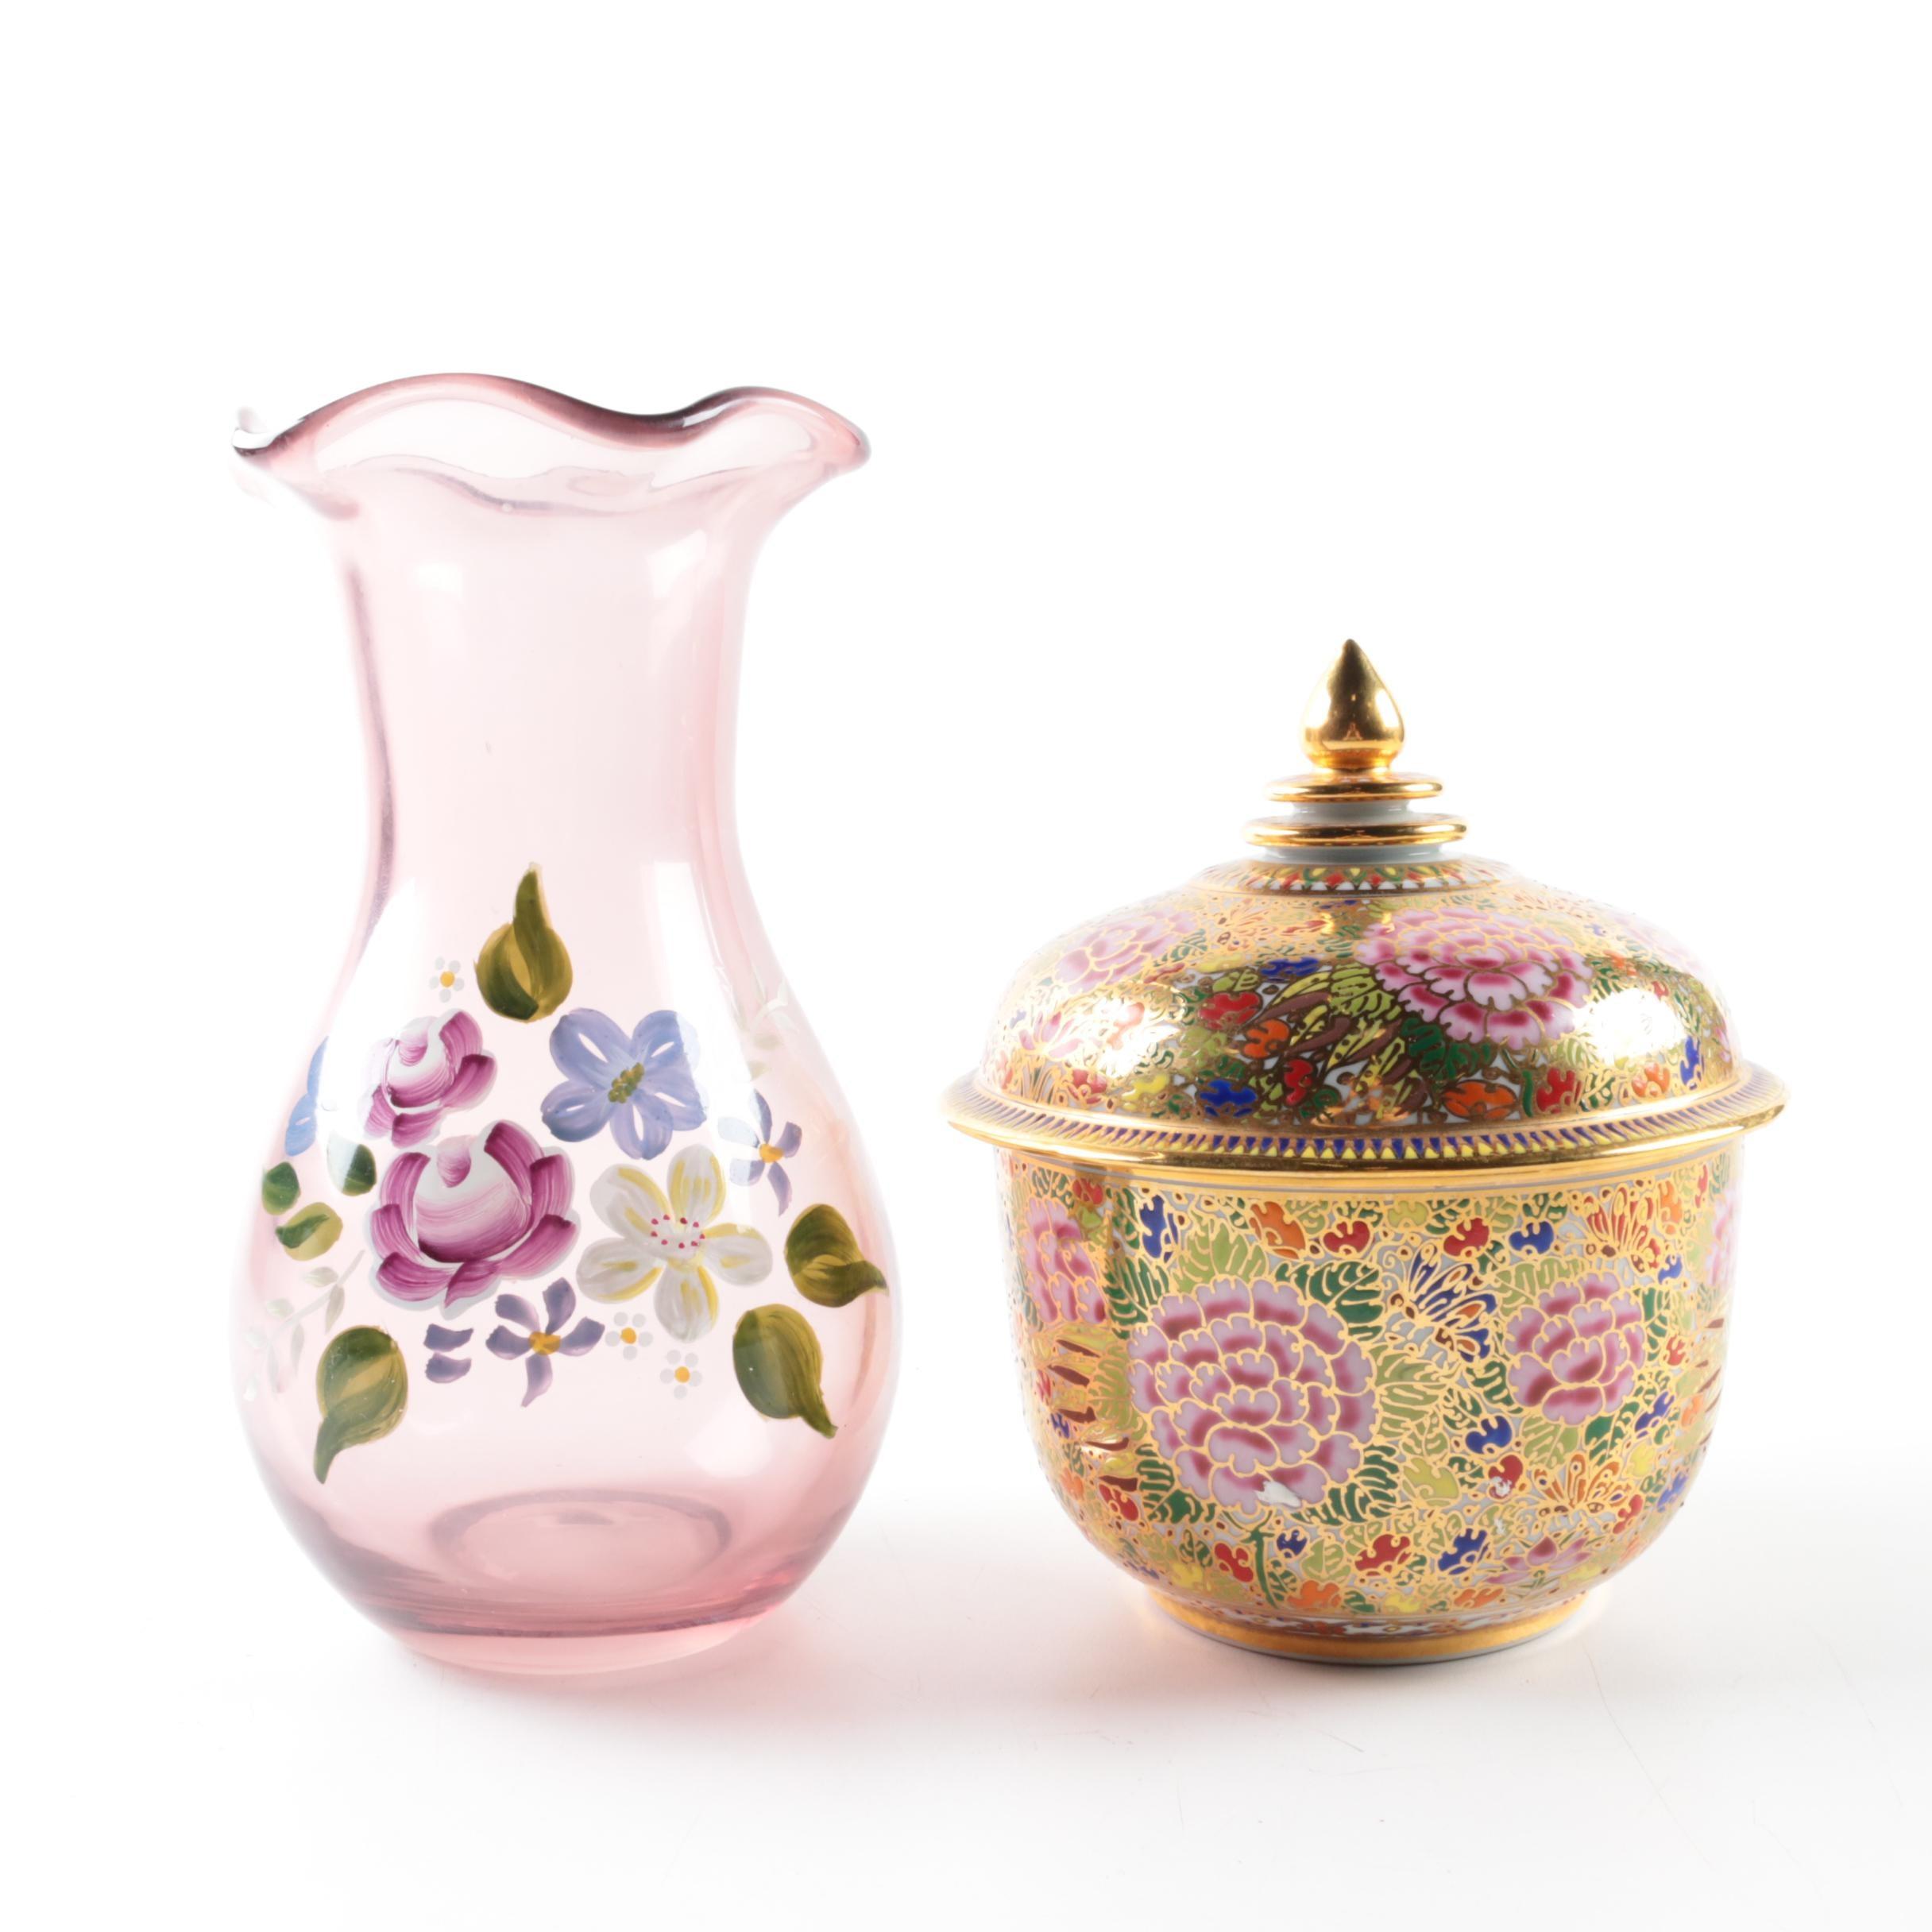 Glass Vase and Ceramic Lidded Jar